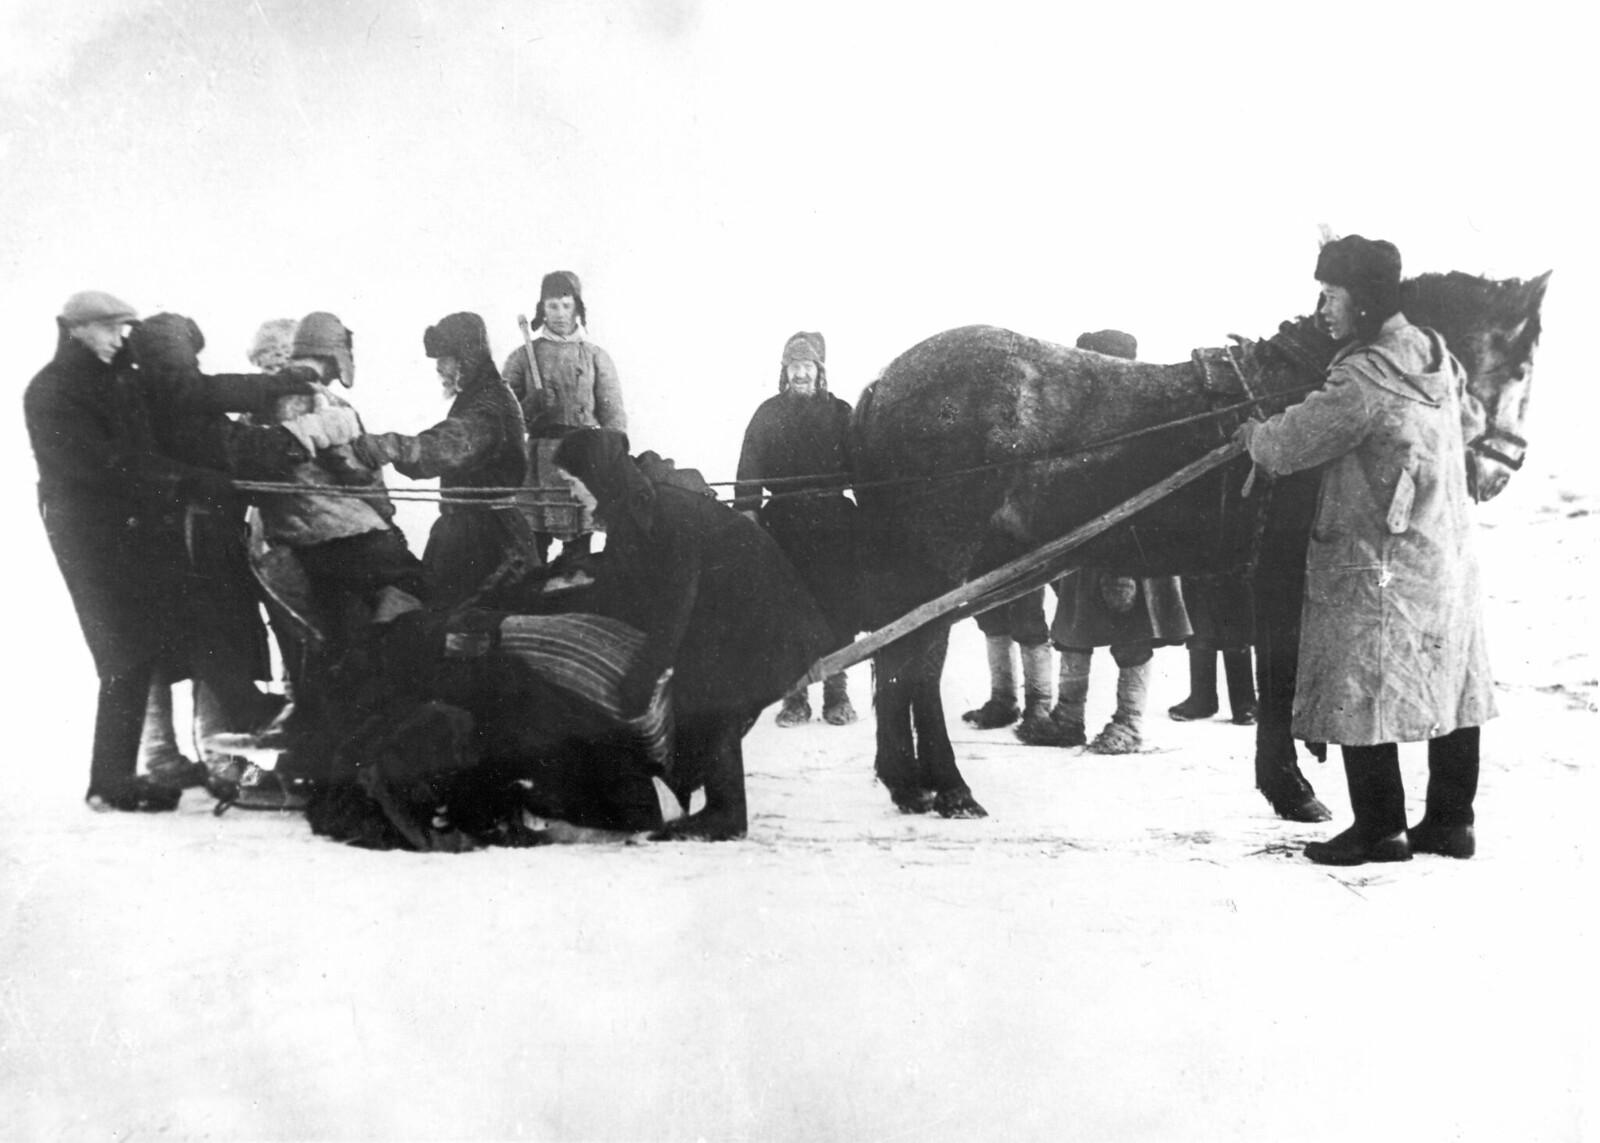 1930. Кулака арестовывают при попытке спрятать реквизируемое государством зерно, колхоз Красный Лудорвай, Нижегородская область